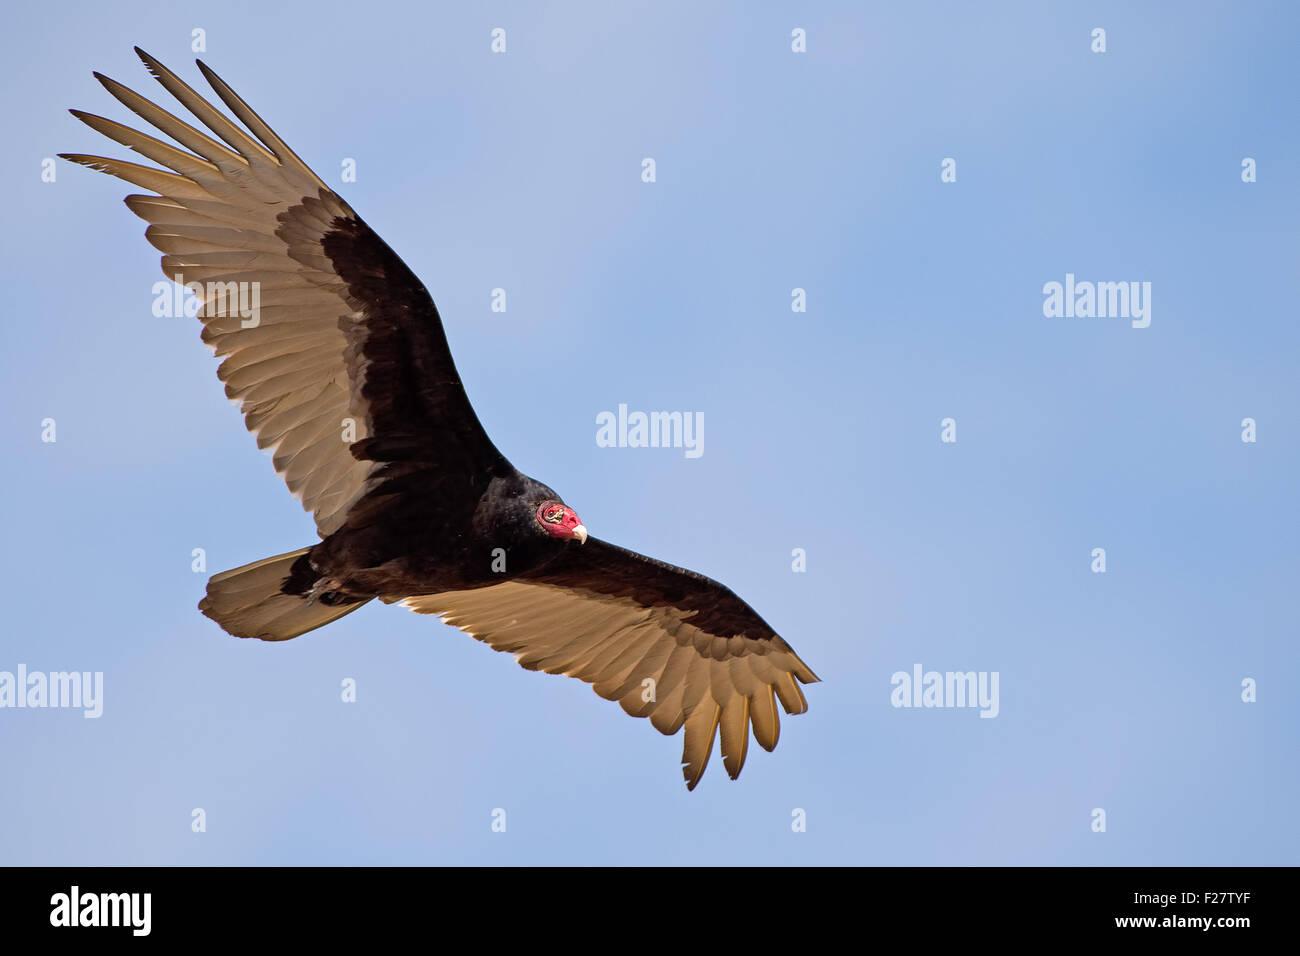 Türkei-Geier im Flug Stockbild